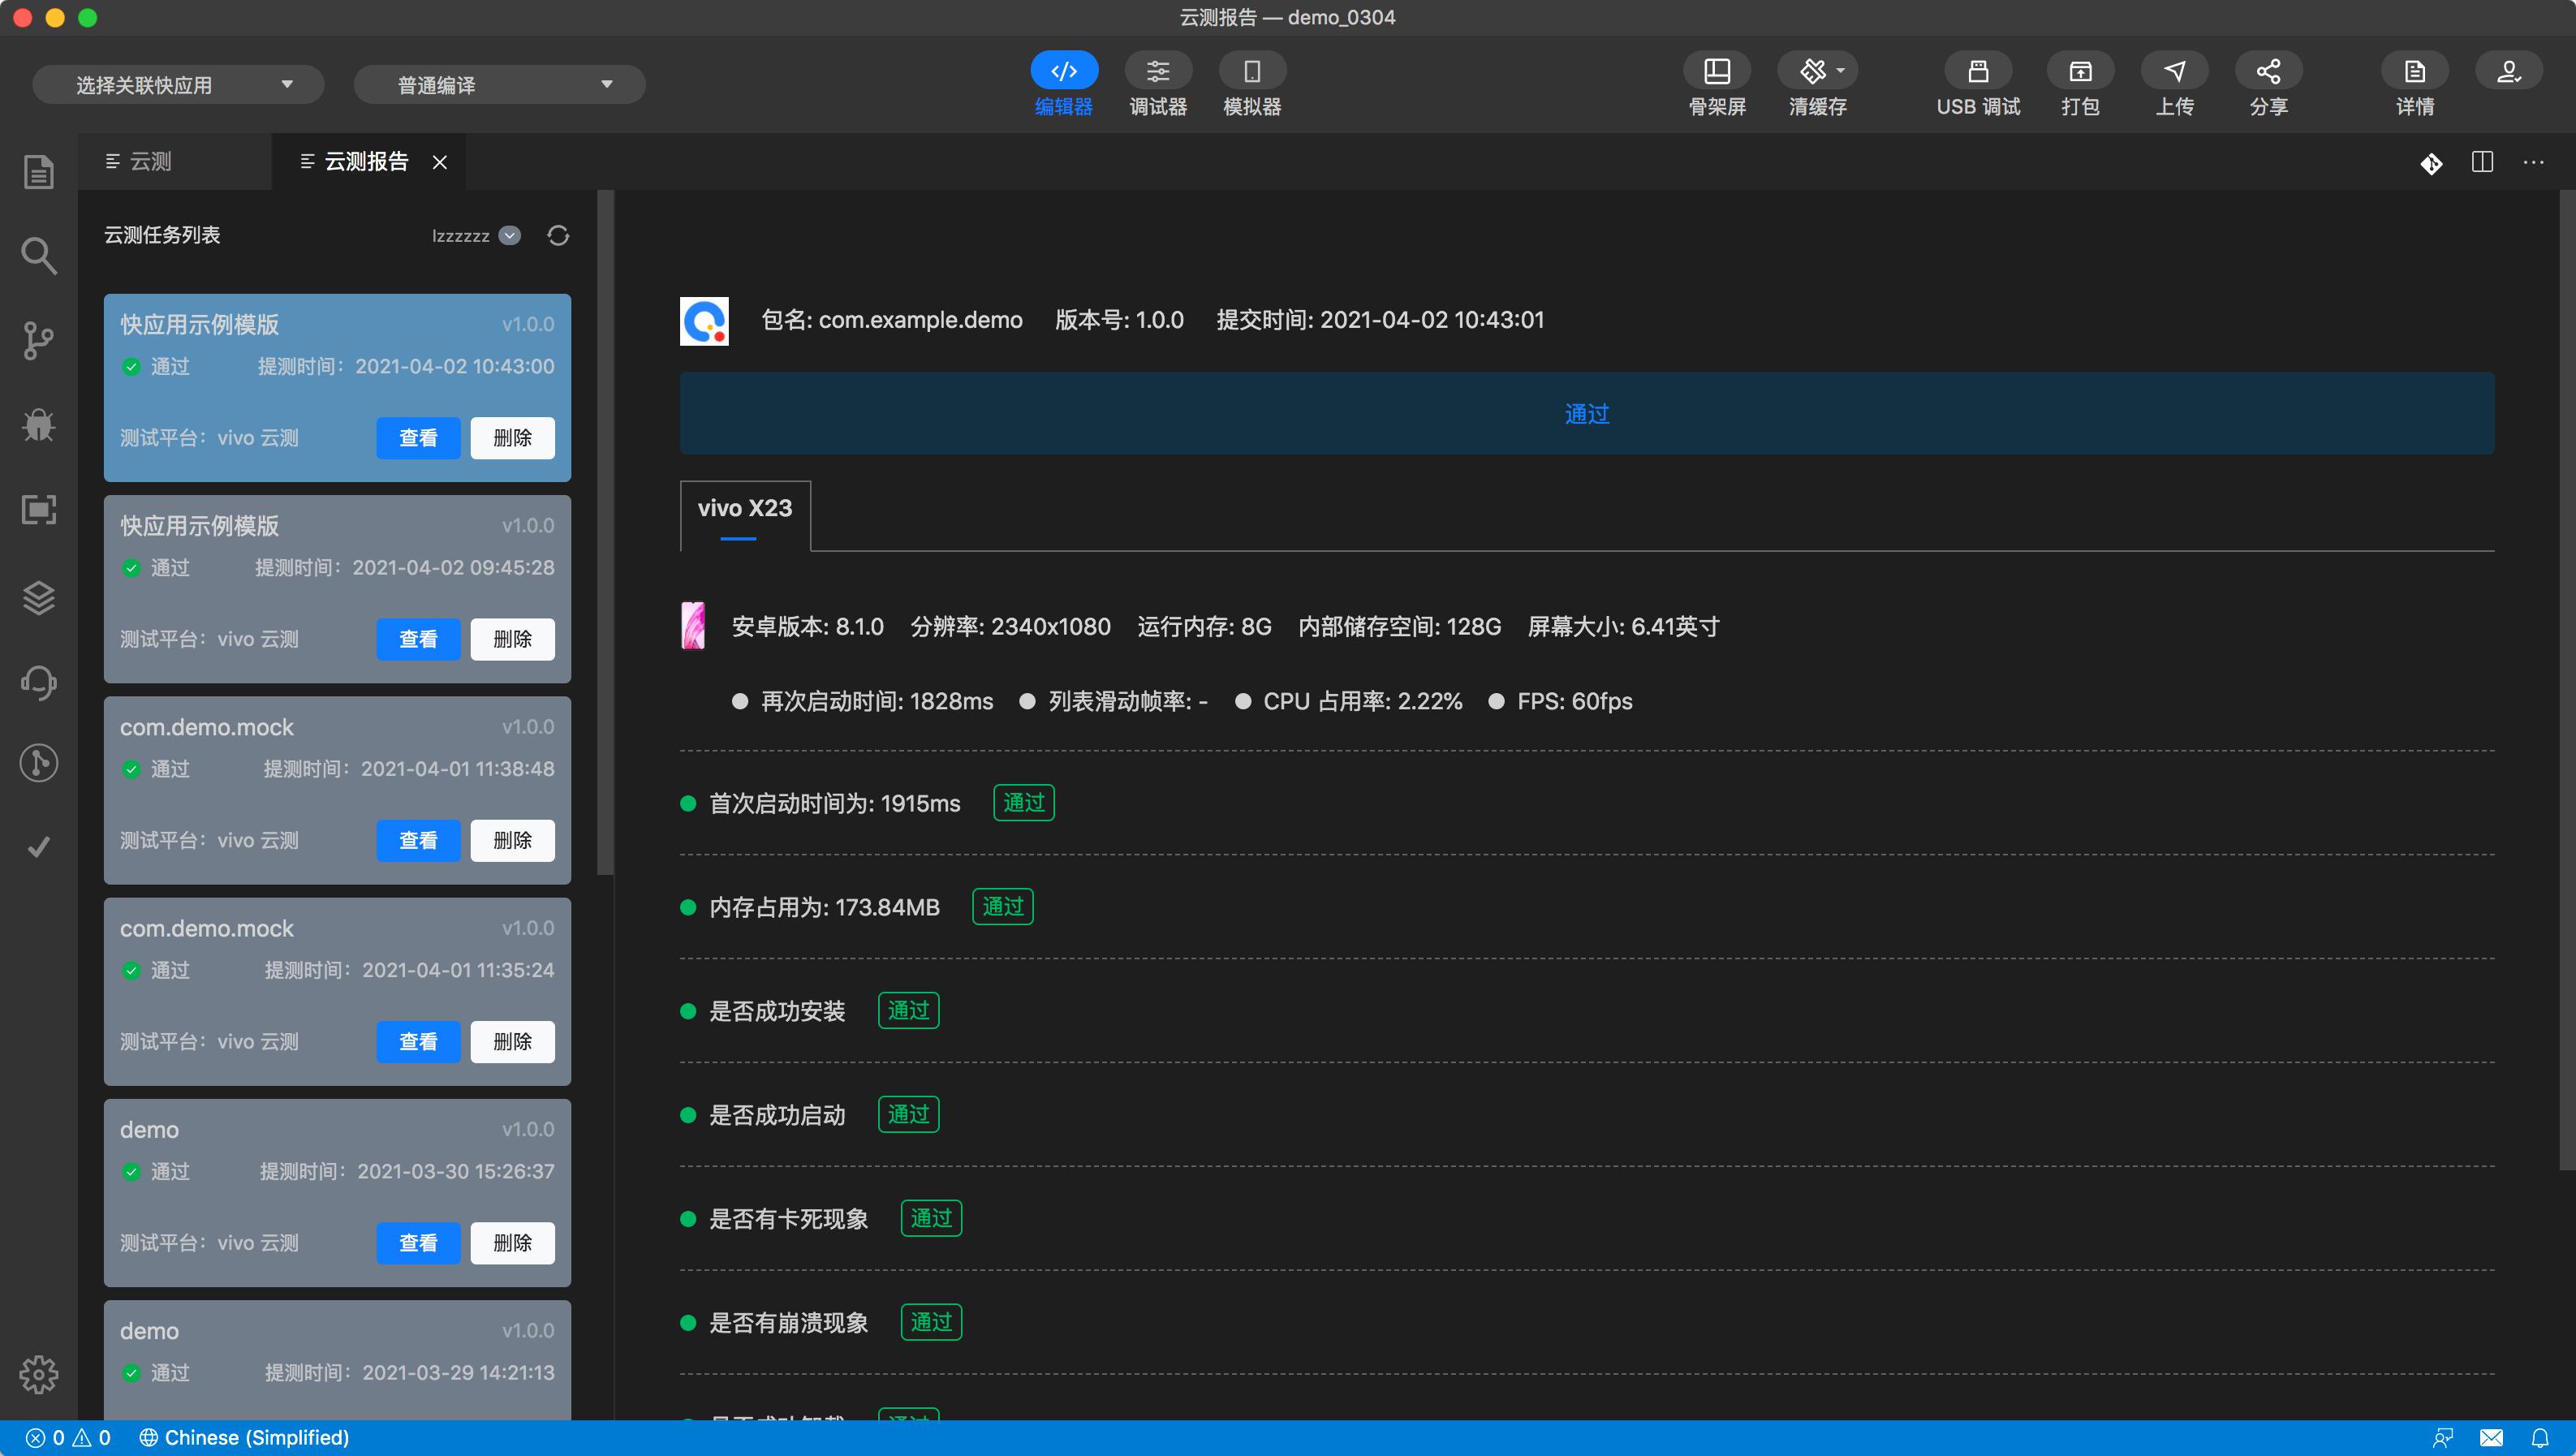 快应用开发工具 - 动态检测